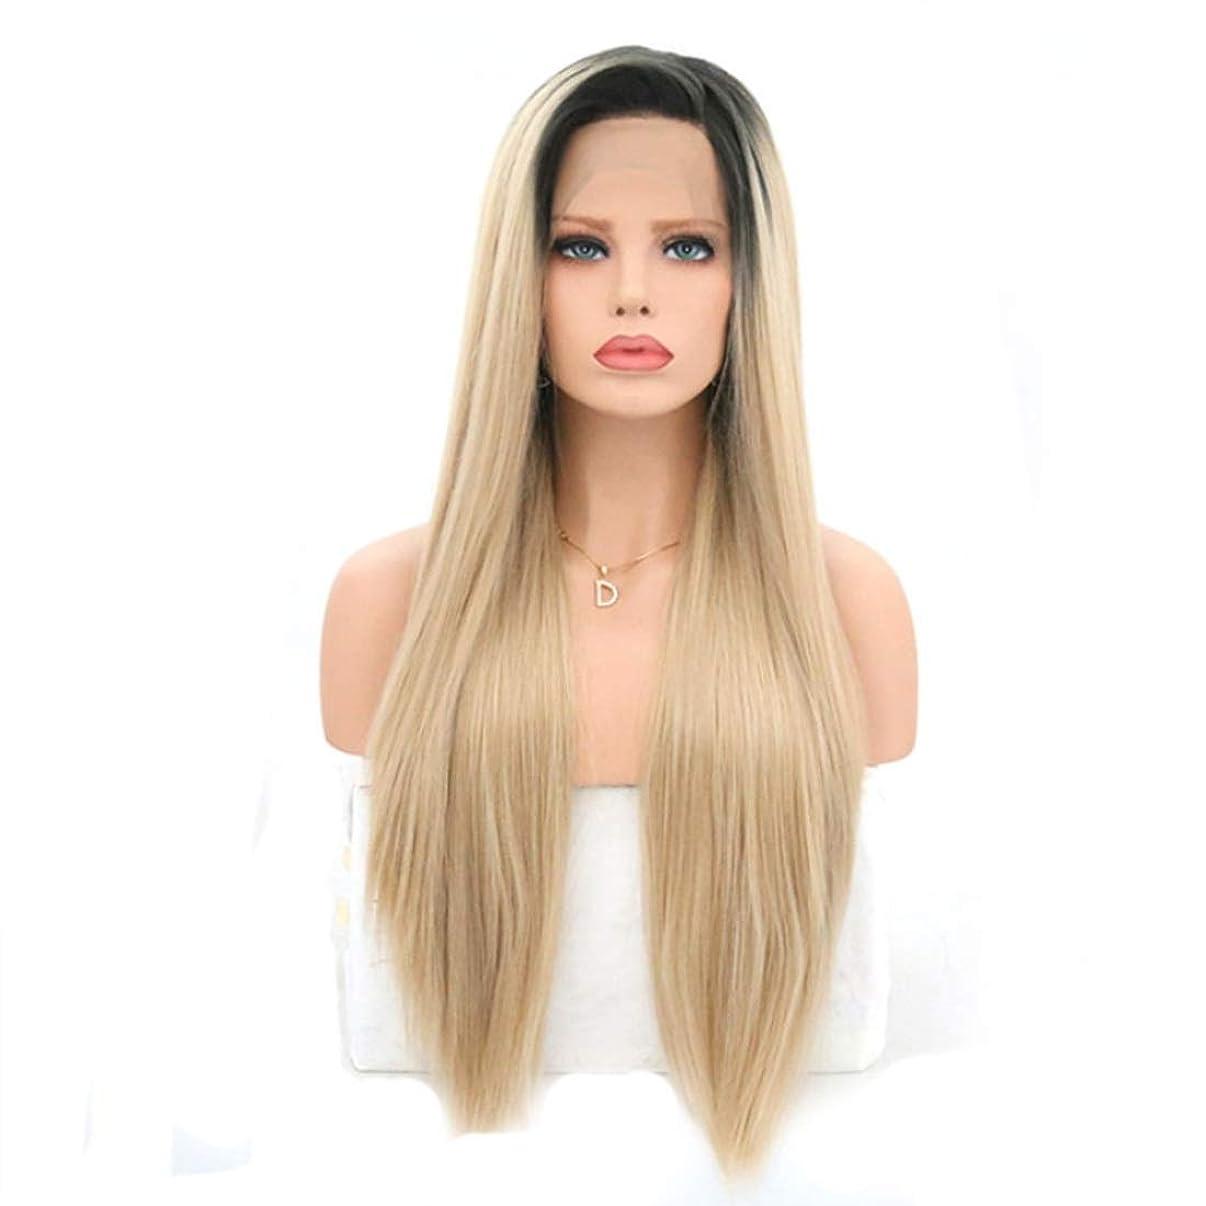 間接的あごひげ水Summerys 女性のためのロングストレートかつら前髪付きかつら人工毛髪かつら自然なかつら (Size : 22 inches)